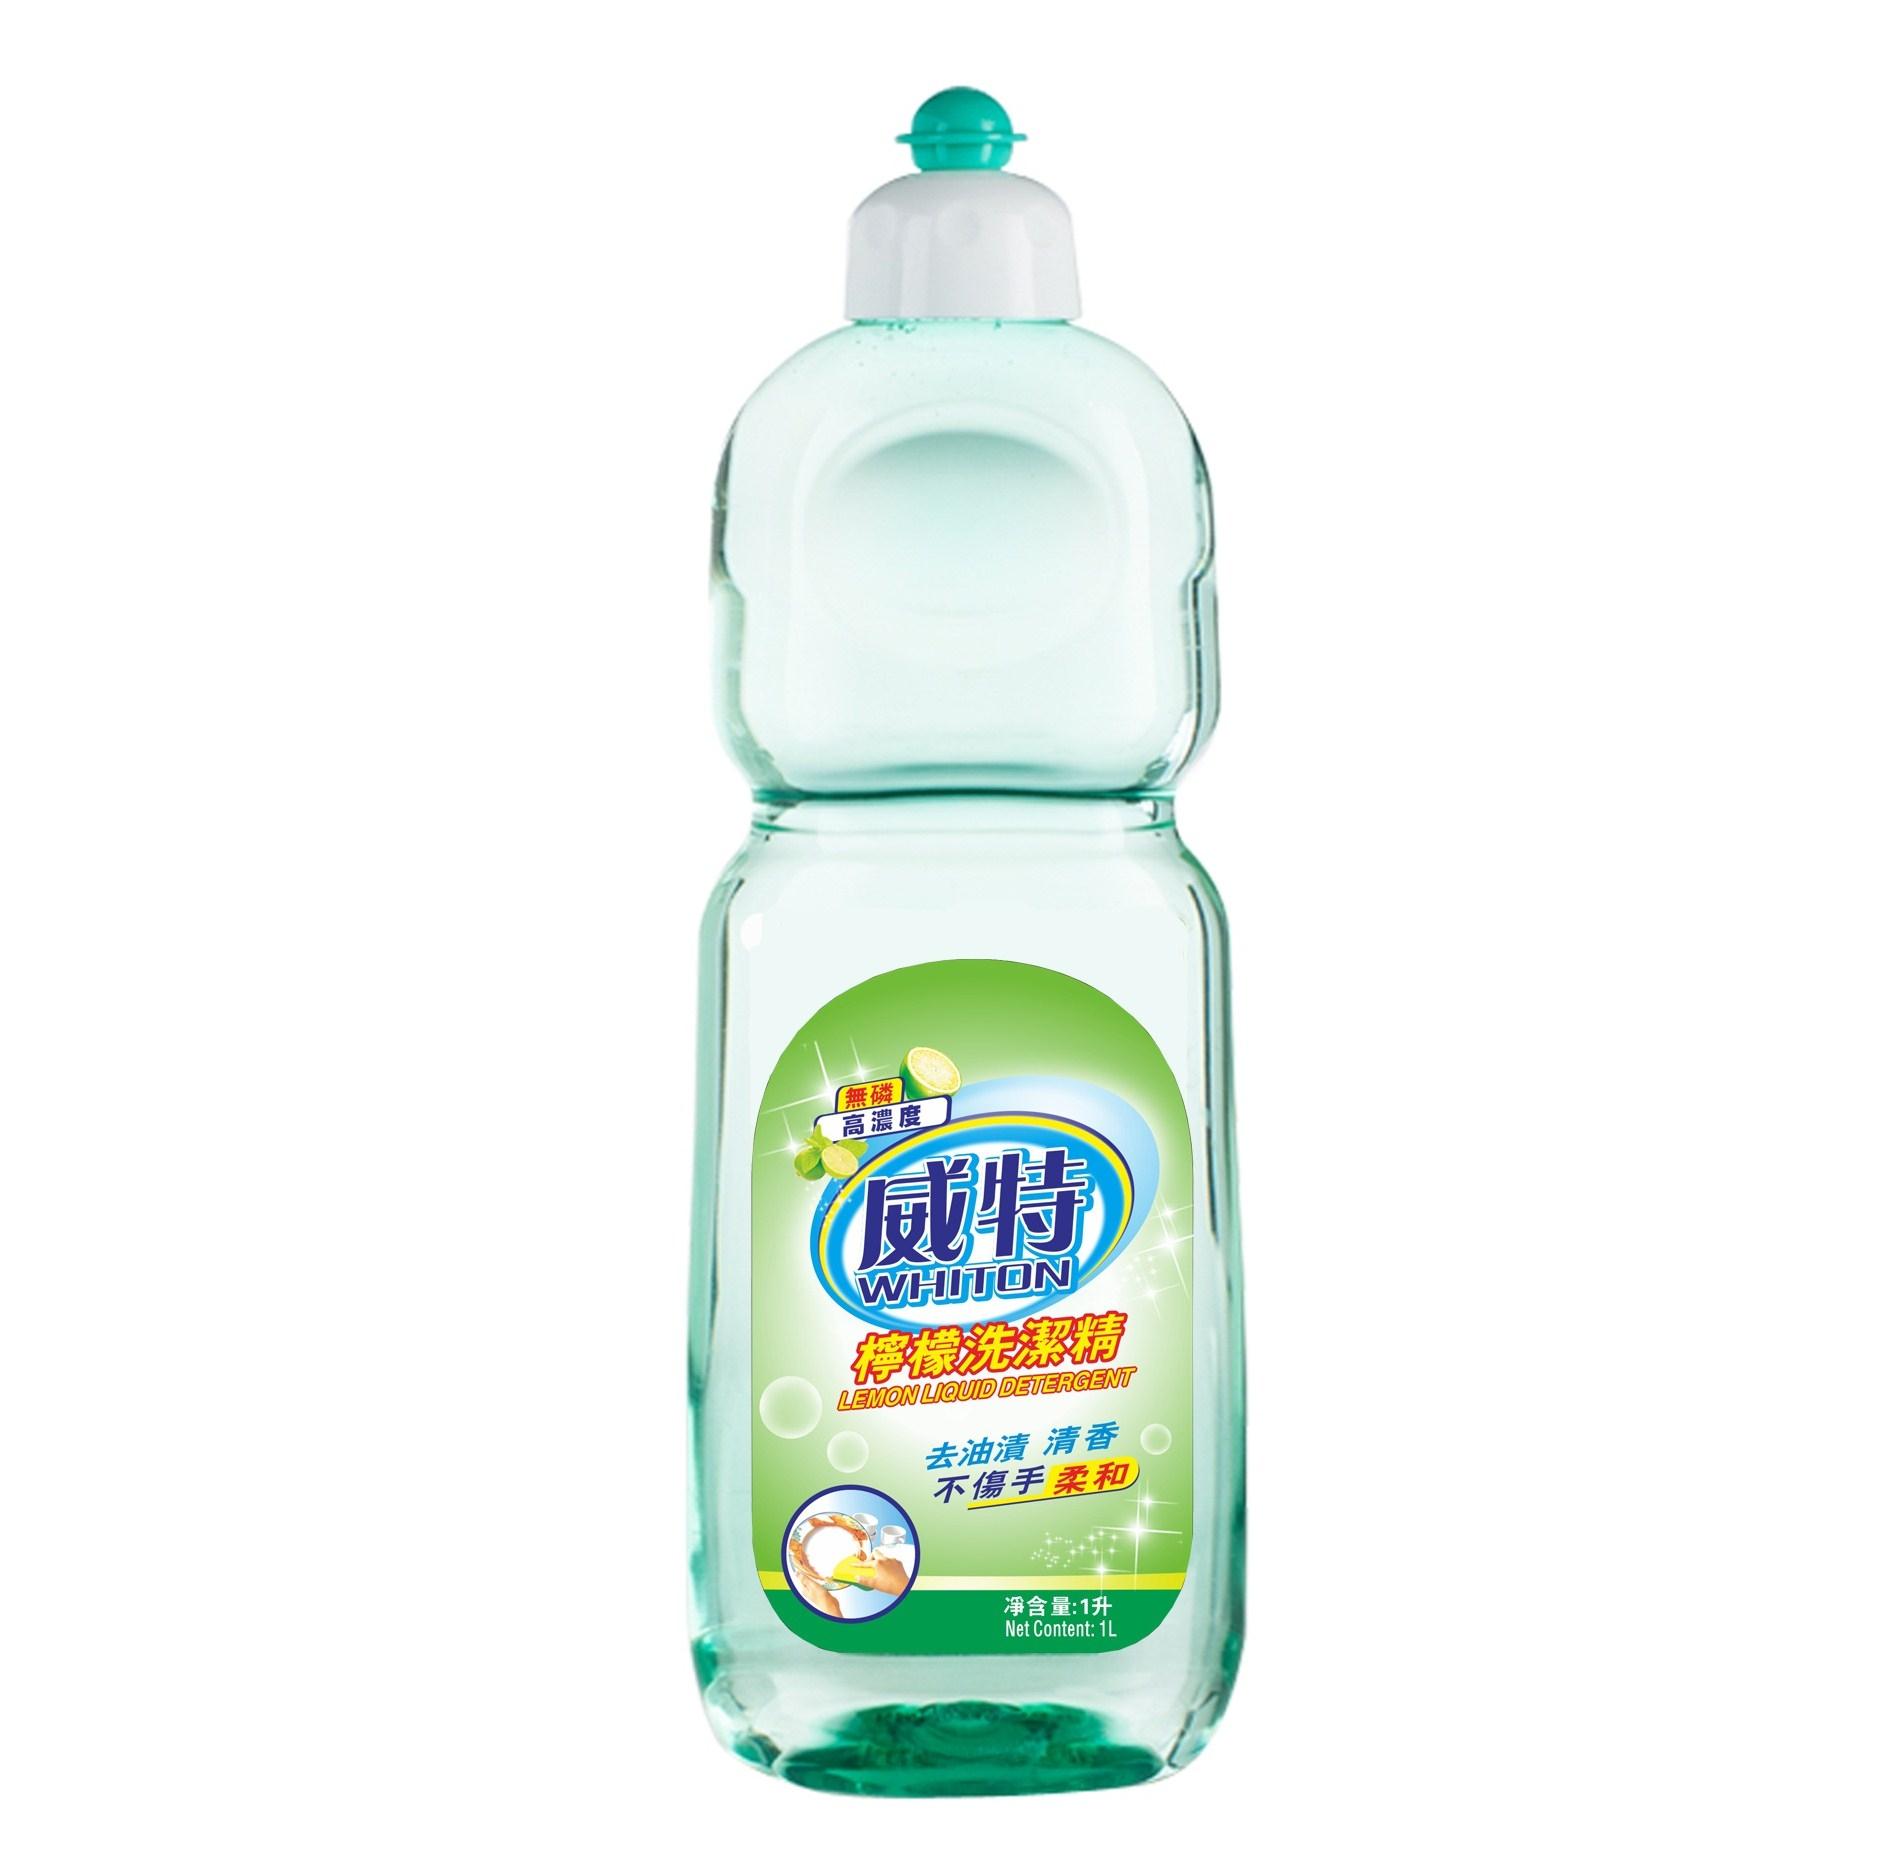 威特檸檬洗潔精 (1升)